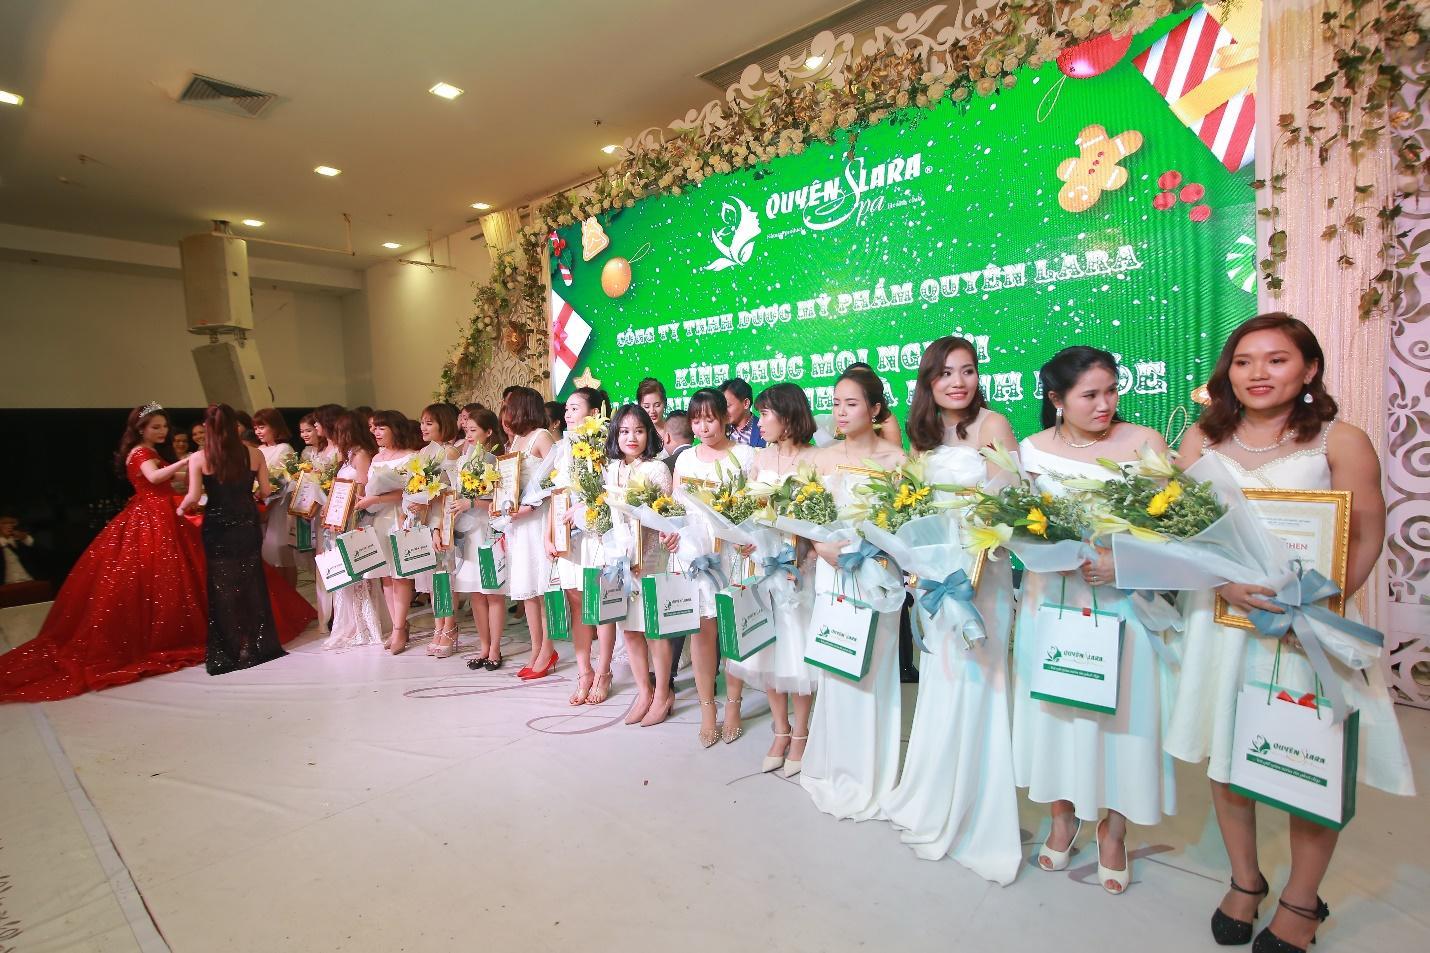 Quyên Lara tổ chức đại tiệc tri ân hệ thống gần 3 tỷ đồng - Ảnh 9